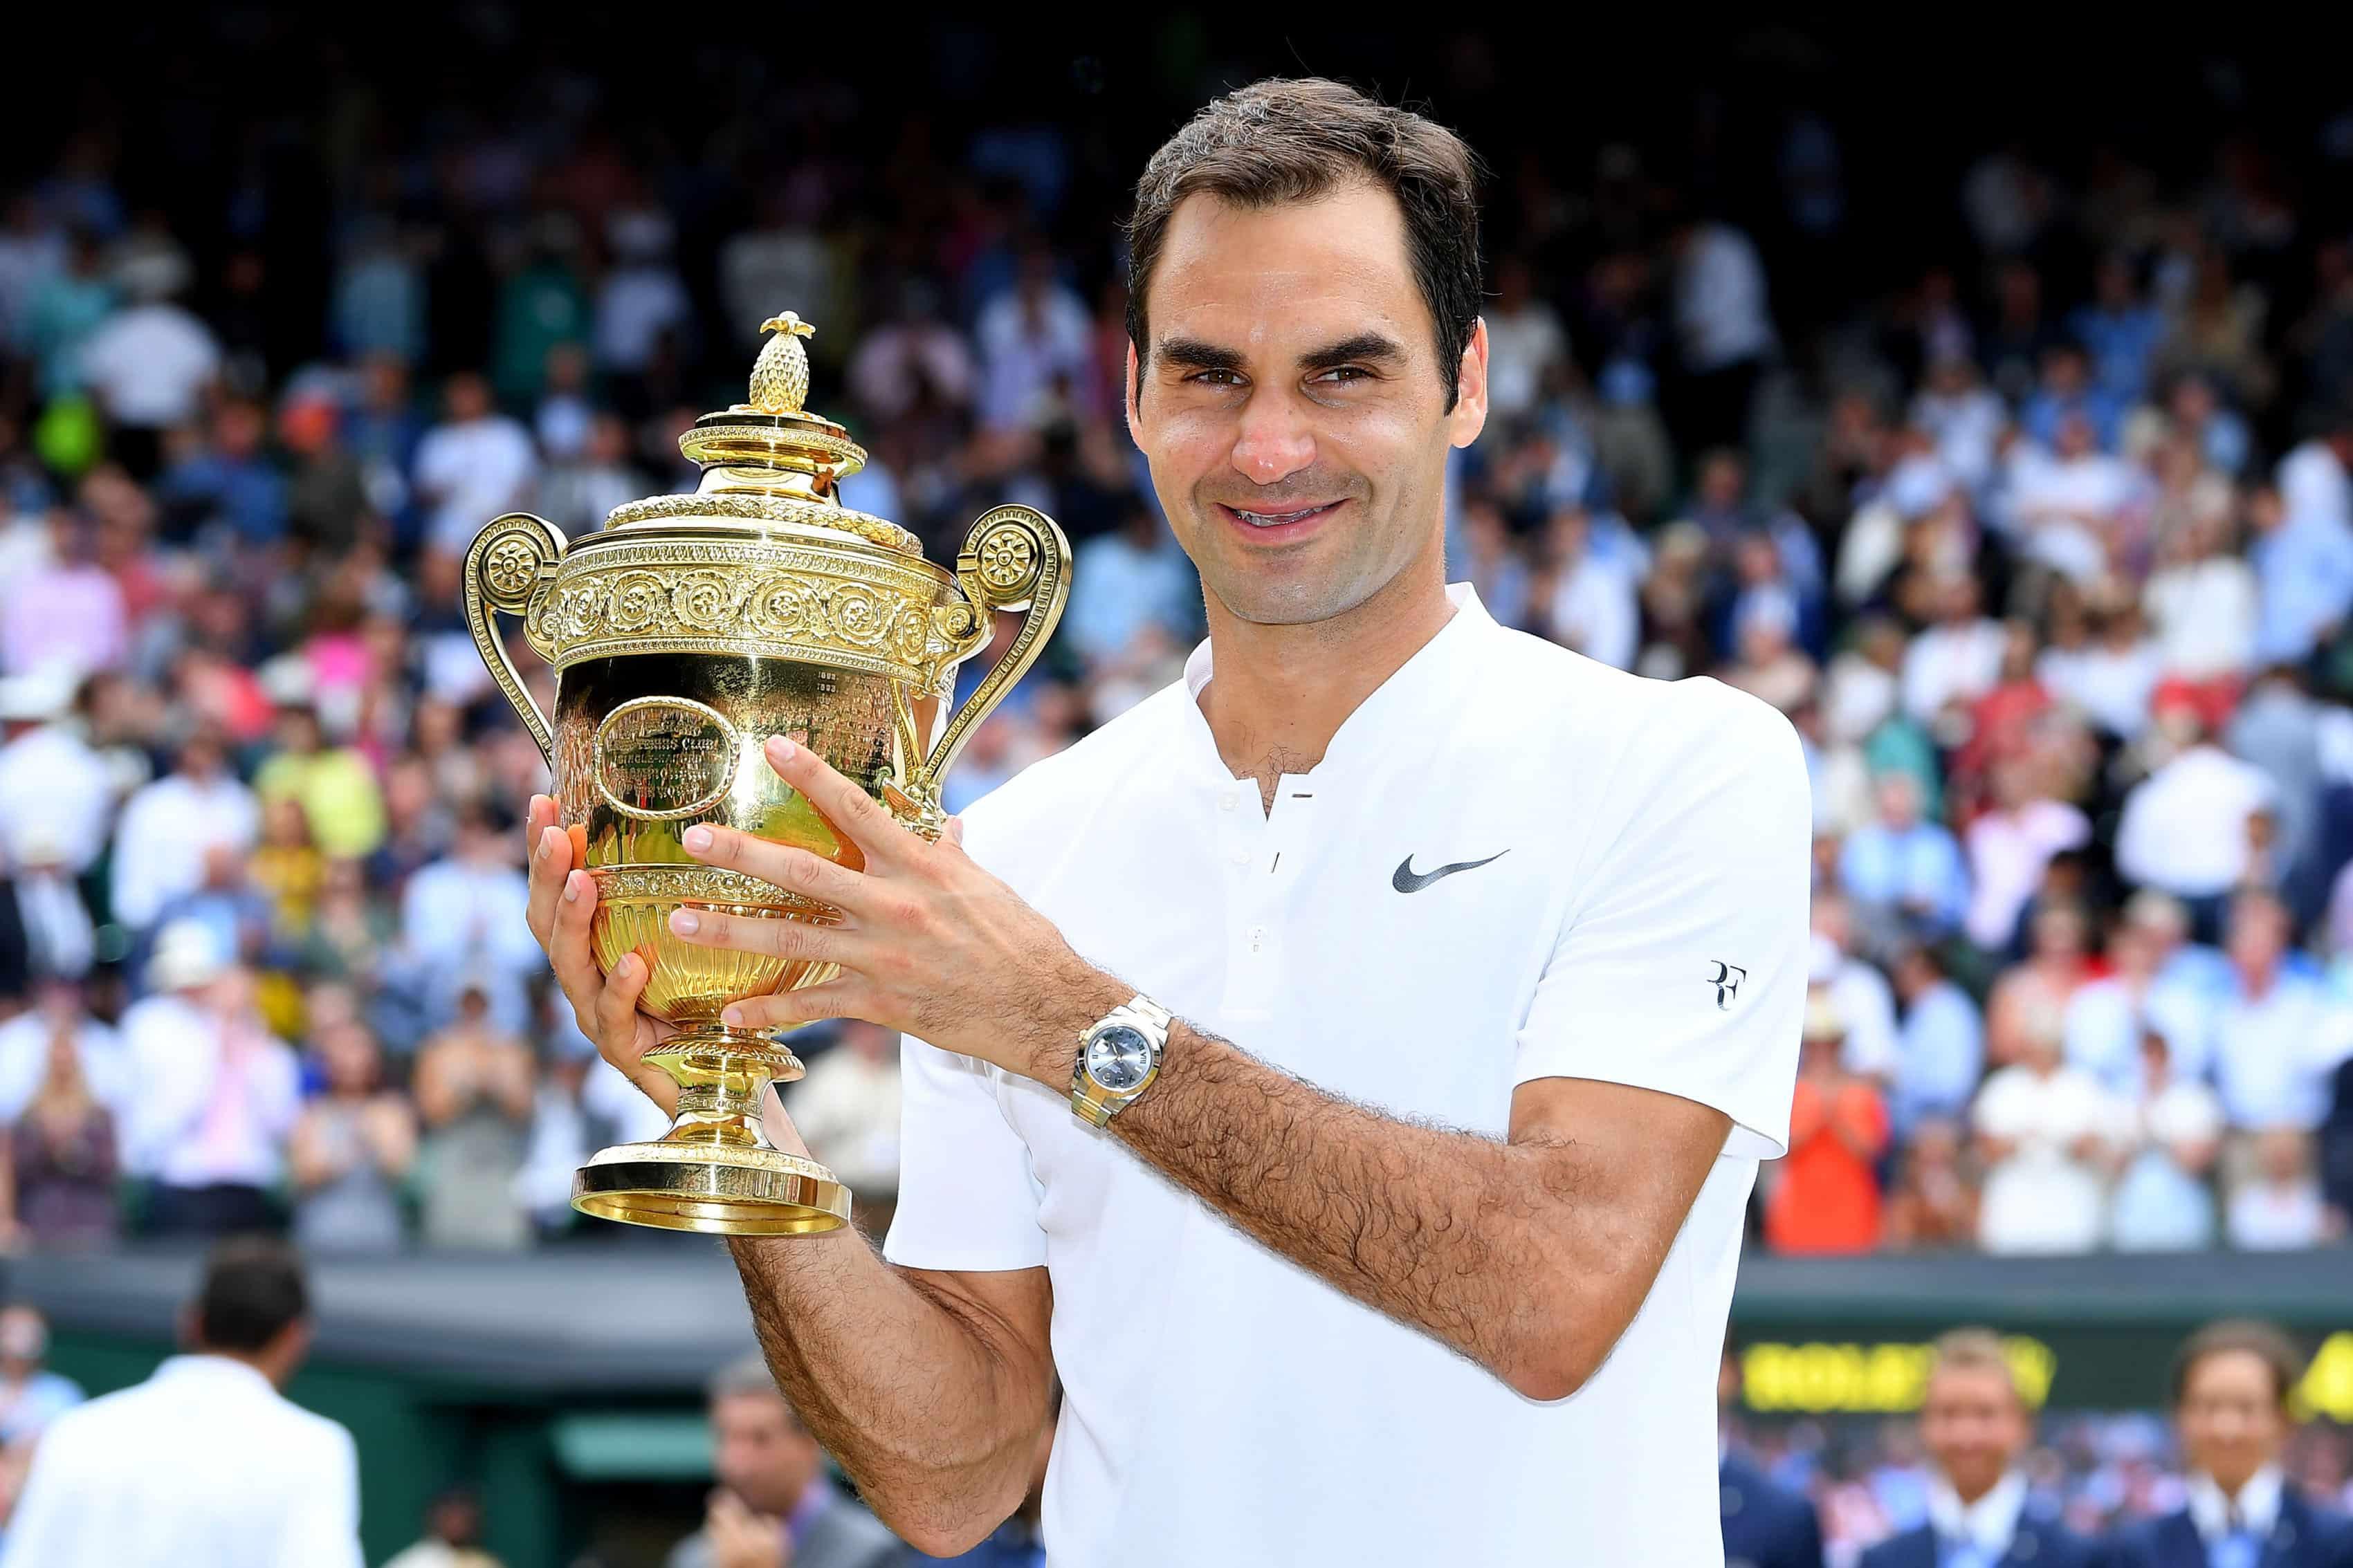 Calendario tennis ATP 2019: date prove dello Slam e tornei World Tour